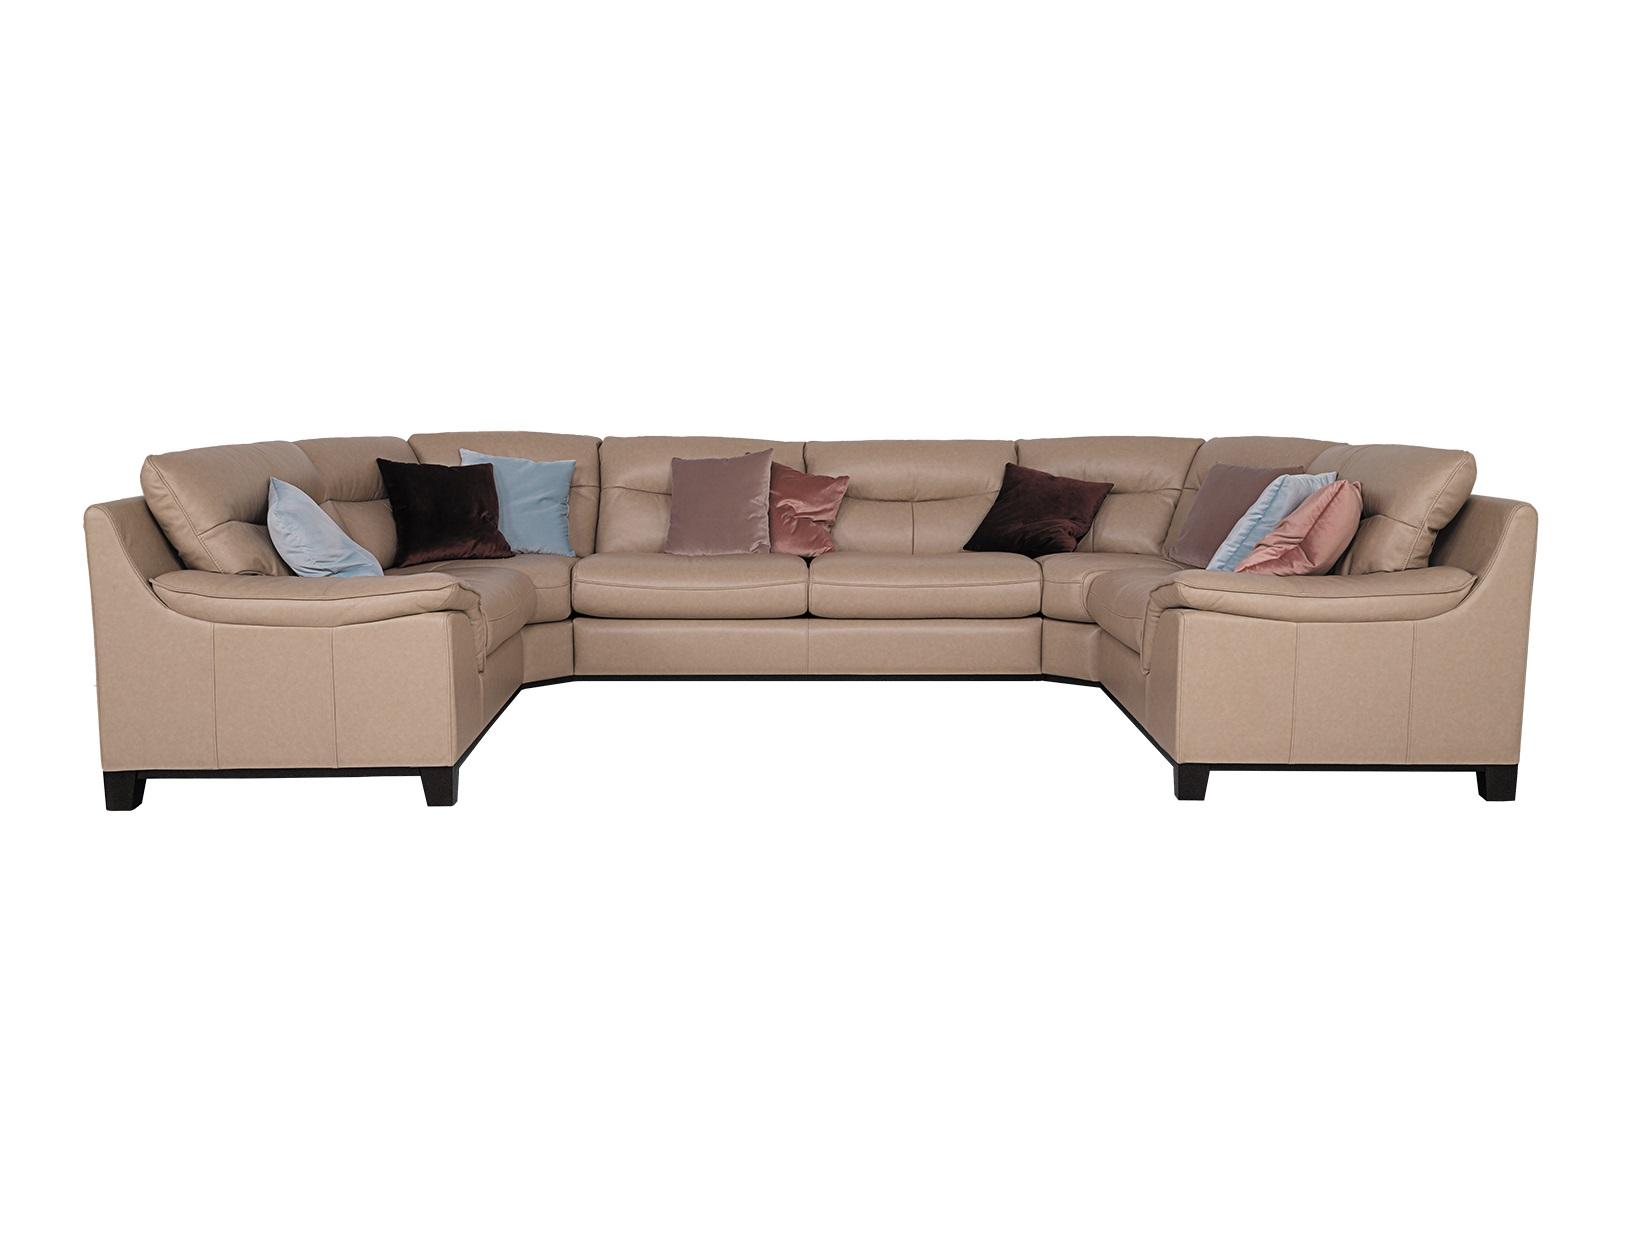 Диван-кровать Сан-РемоУгловые раскладные диваны<br>«Сан-Ремо» обладает легким и беззаботным характером, теплым южным темпераментом и неповторимым очарованием. Обтекаемые формы дивана таят в себе невероятную мягкость и воздушность. Неслучайно огромные пушистые облака вдохновили дизайнеров на создание этой модели. «Сан-Ремо» очаровывает и вдохновляет, дарит спокойствие и безмятежность.&amp;lt;div&amp;gt;Подушки в комплект не входят&amp;lt;br&amp;gt;&amp;lt;div&amp;gt;&amp;lt;br&amp;gt;&amp;lt;/div&amp;gt;&amp;lt;div&amp;gt;Механизм трансформации миксотойл.&amp;lt;/div&amp;gt;&amp;lt;div&amp;gt;Спальное место 182*133 см.&amp;lt;/div&amp;gt;&amp;lt;div&amp;gt;Натуральная кожа, 100% кожа Antico polbos.&amp;amp;nbsp;&amp;lt;/div&amp;gt;&amp;lt;div&amp;gt;&amp;lt;br&amp;gt;&amp;lt;/div&amp;gt;&amp;lt;div&amp;gt;Состоит из 5х частей.&amp;amp;nbsp;&amp;lt;/div&amp;gt;&amp;lt;div&amp;gt;Размеры частей :&amp;amp;nbsp;&amp;lt;/div&amp;gt;&amp;lt;div&amp;gt;160*95*95, 115*95*85, 115*95*85,140*95*85, 140*95*85(ширина*глубина*высота)&amp;lt;/div&amp;gt;&amp;lt;/div&amp;gt;<br><br>Material: Кожа<br>Ширина см: 212.0<br>Высота см: 87.0<br>Глубина см: 90